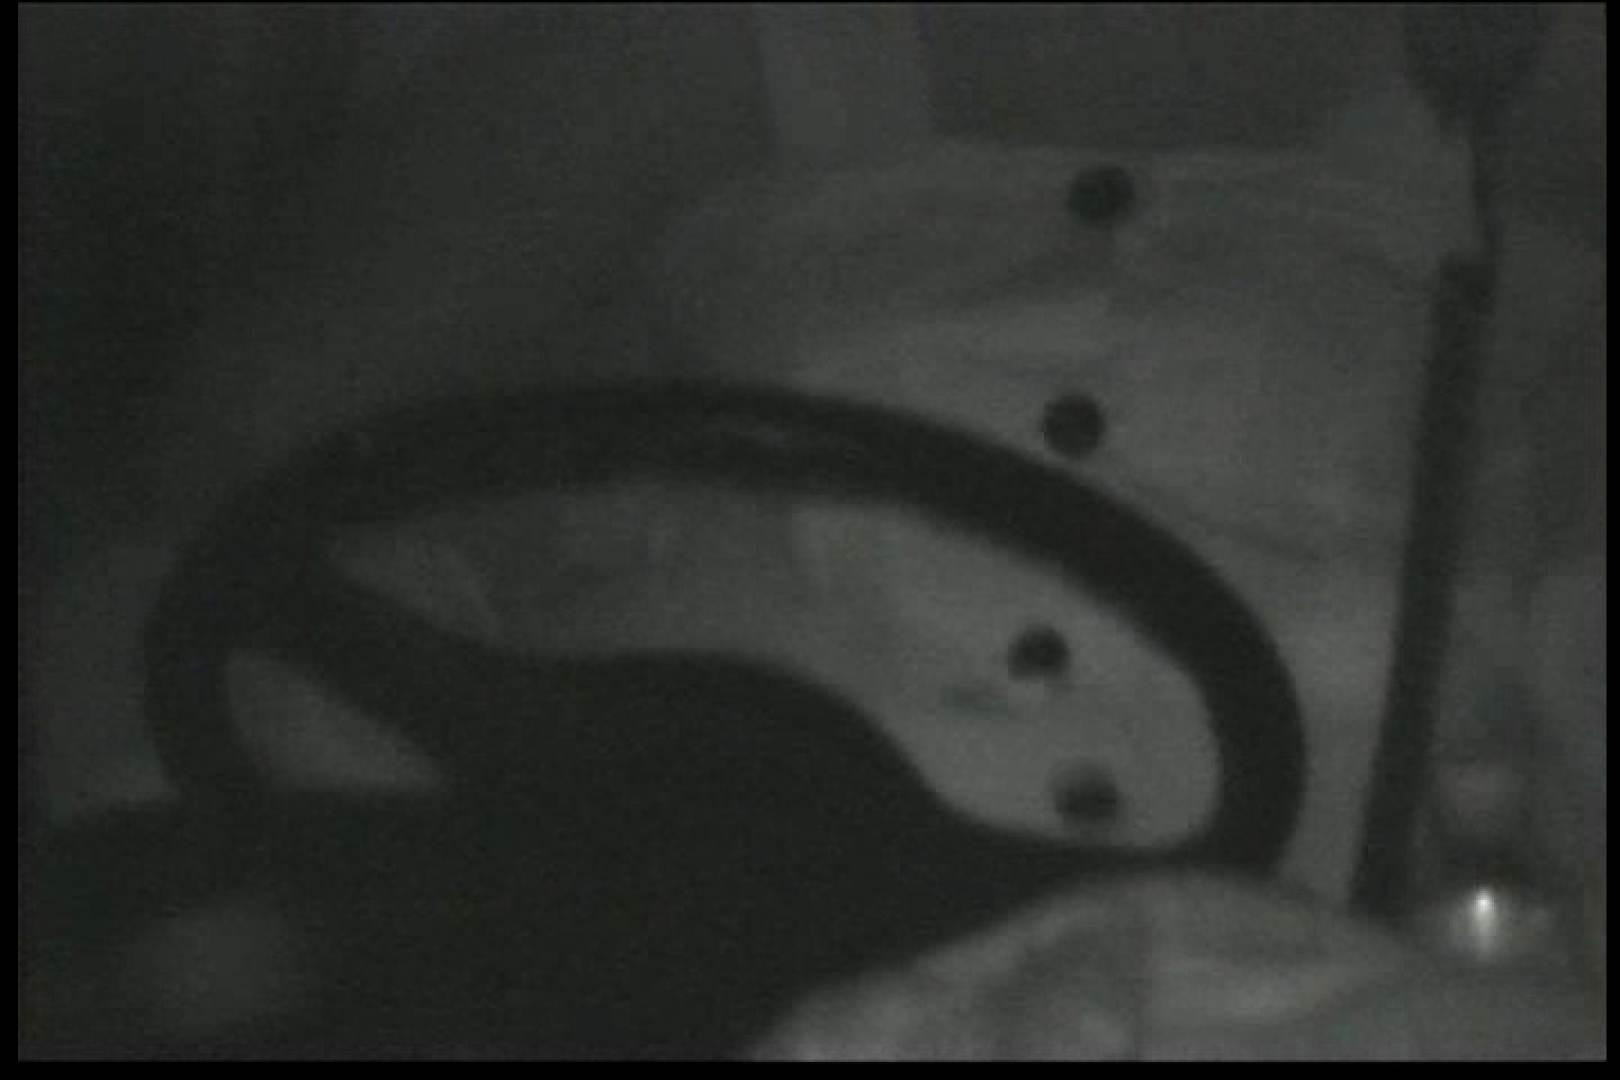 車の中はラブホテル 無修正版  Vol.12 望遠 隠し撮りオマンコ動画紹介 109連発 102